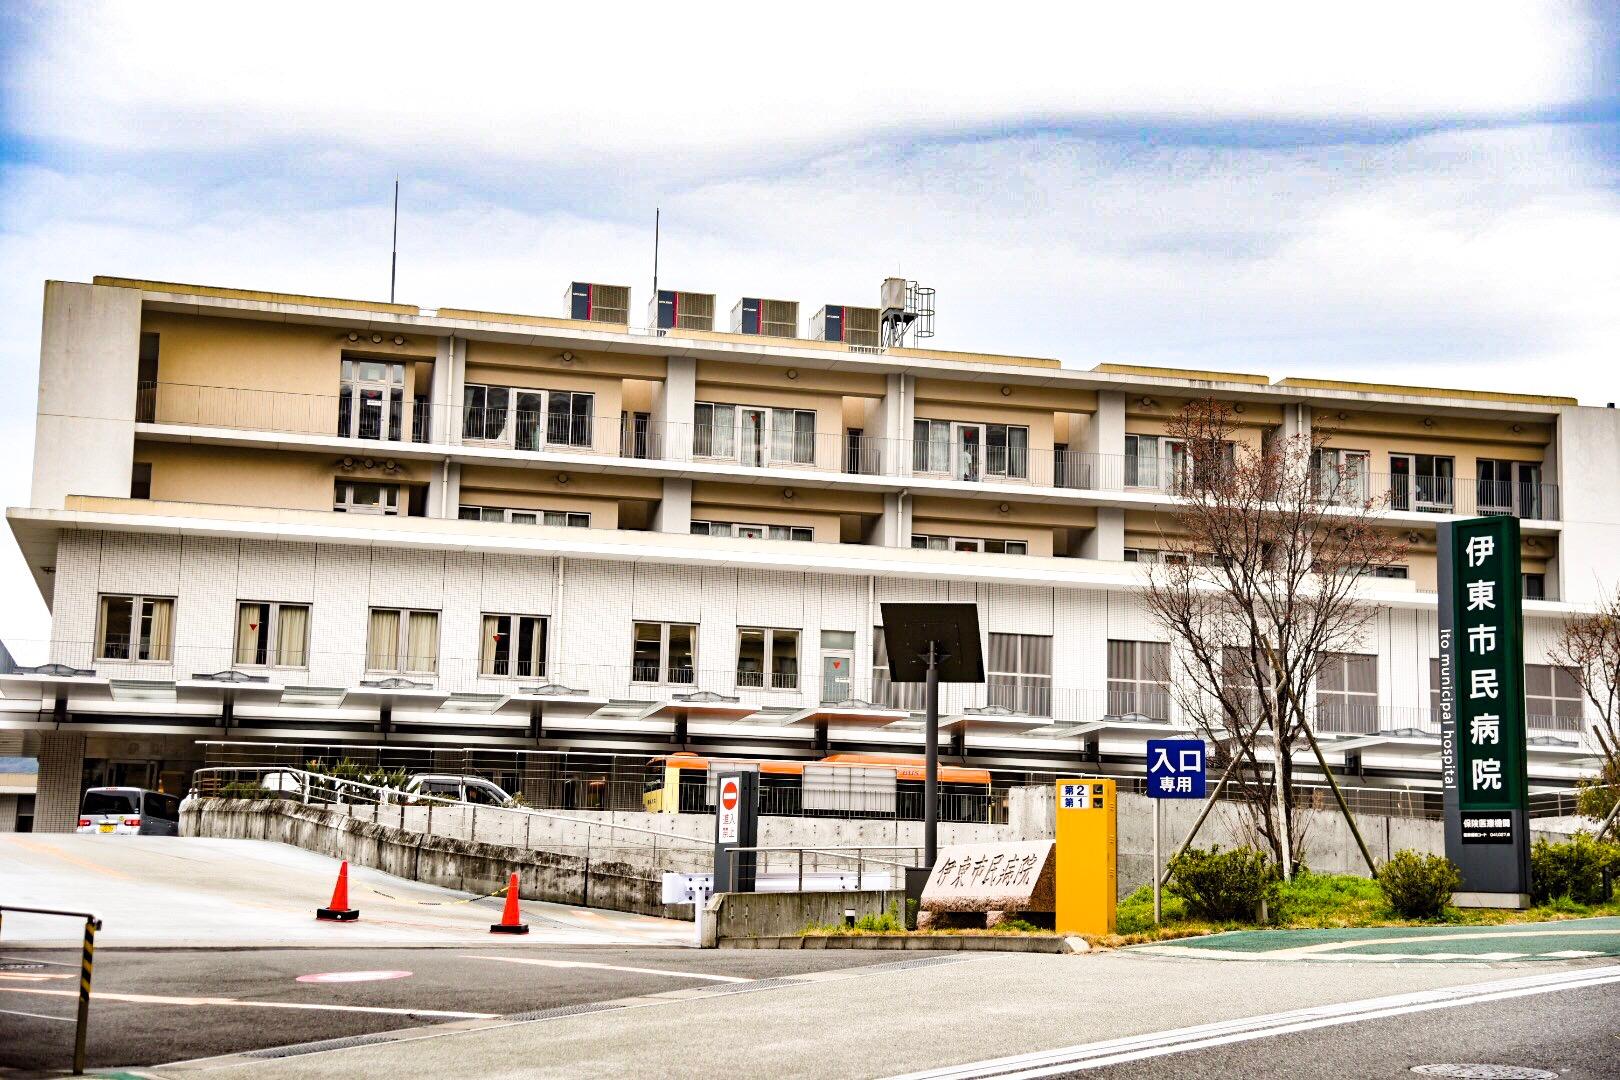 伊藤市民病院